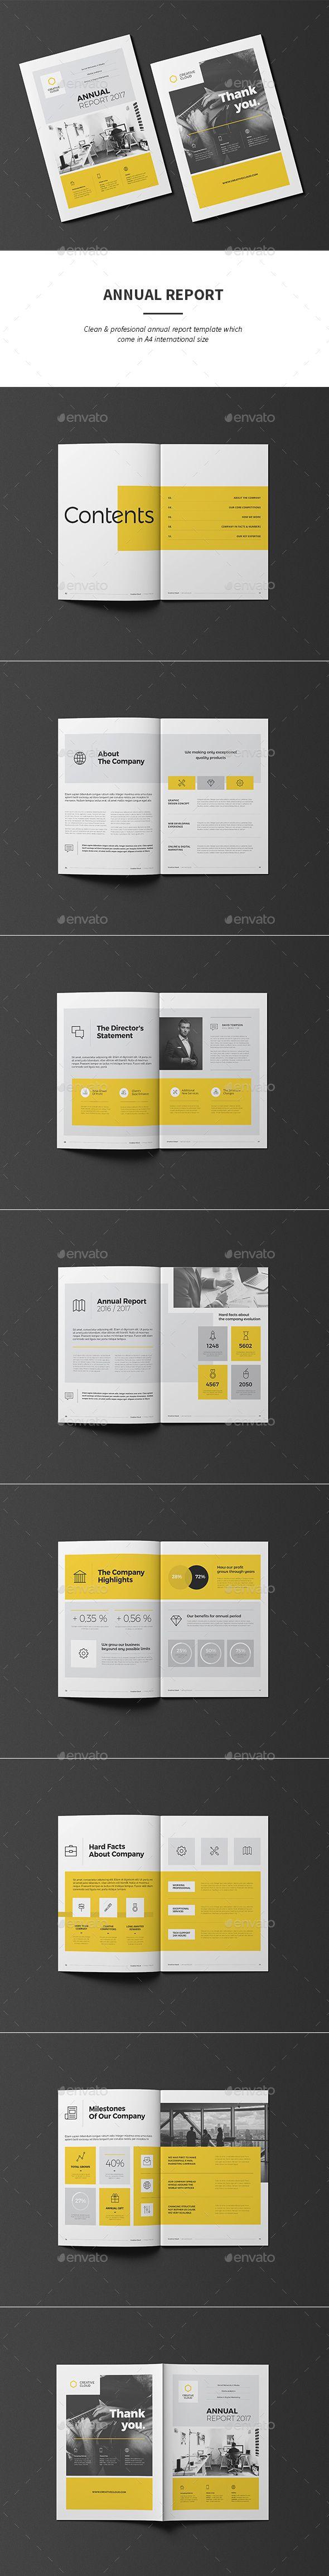 Annual Report   Diseño editorial, Editorial y Portafolio